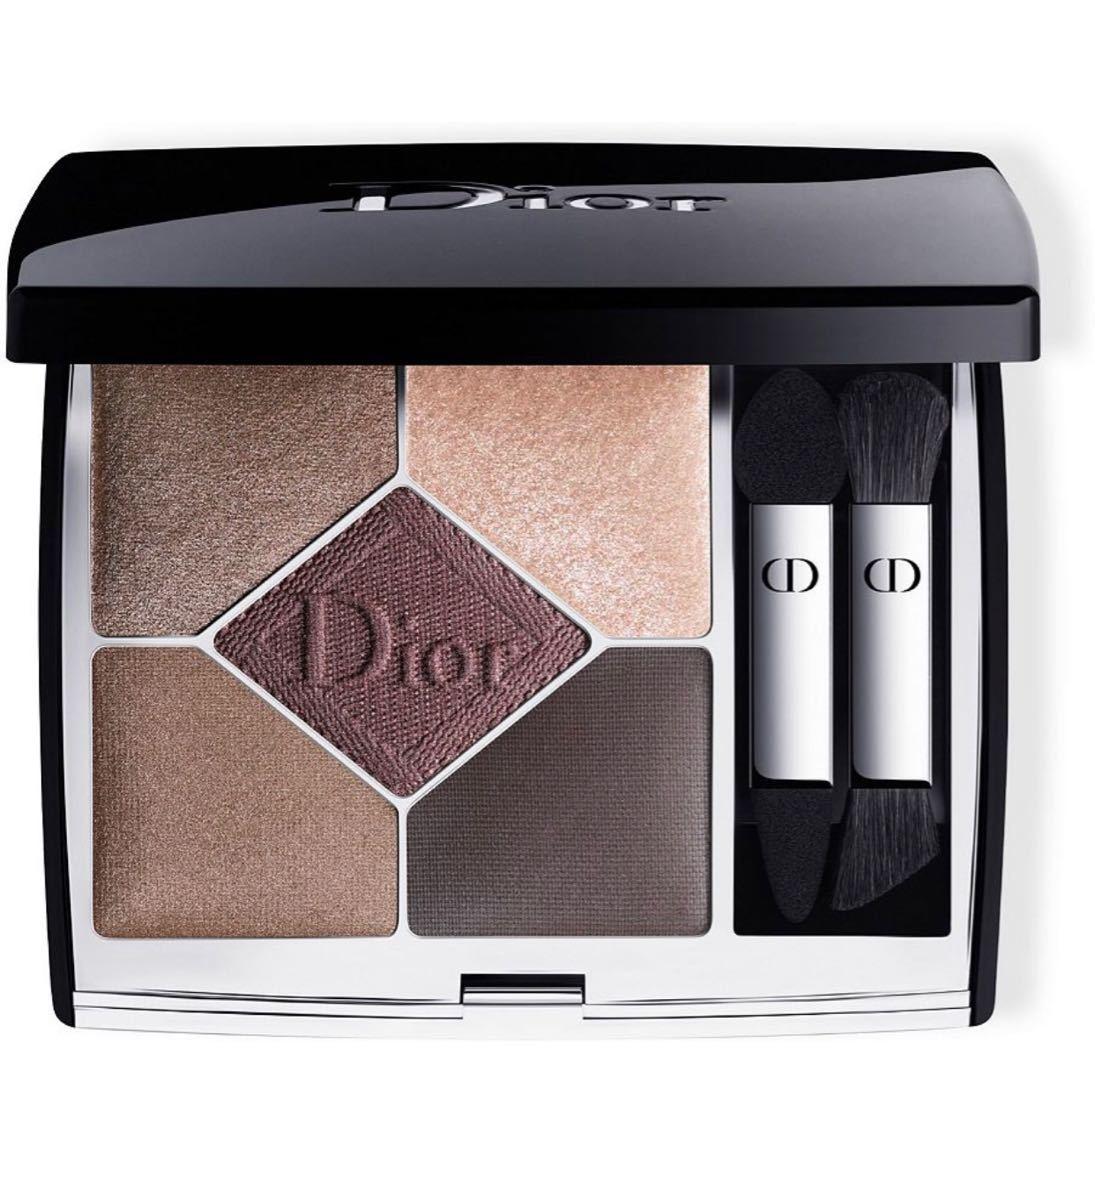 新品 Dior サンク クルール クチュール アイシャドウパレット599